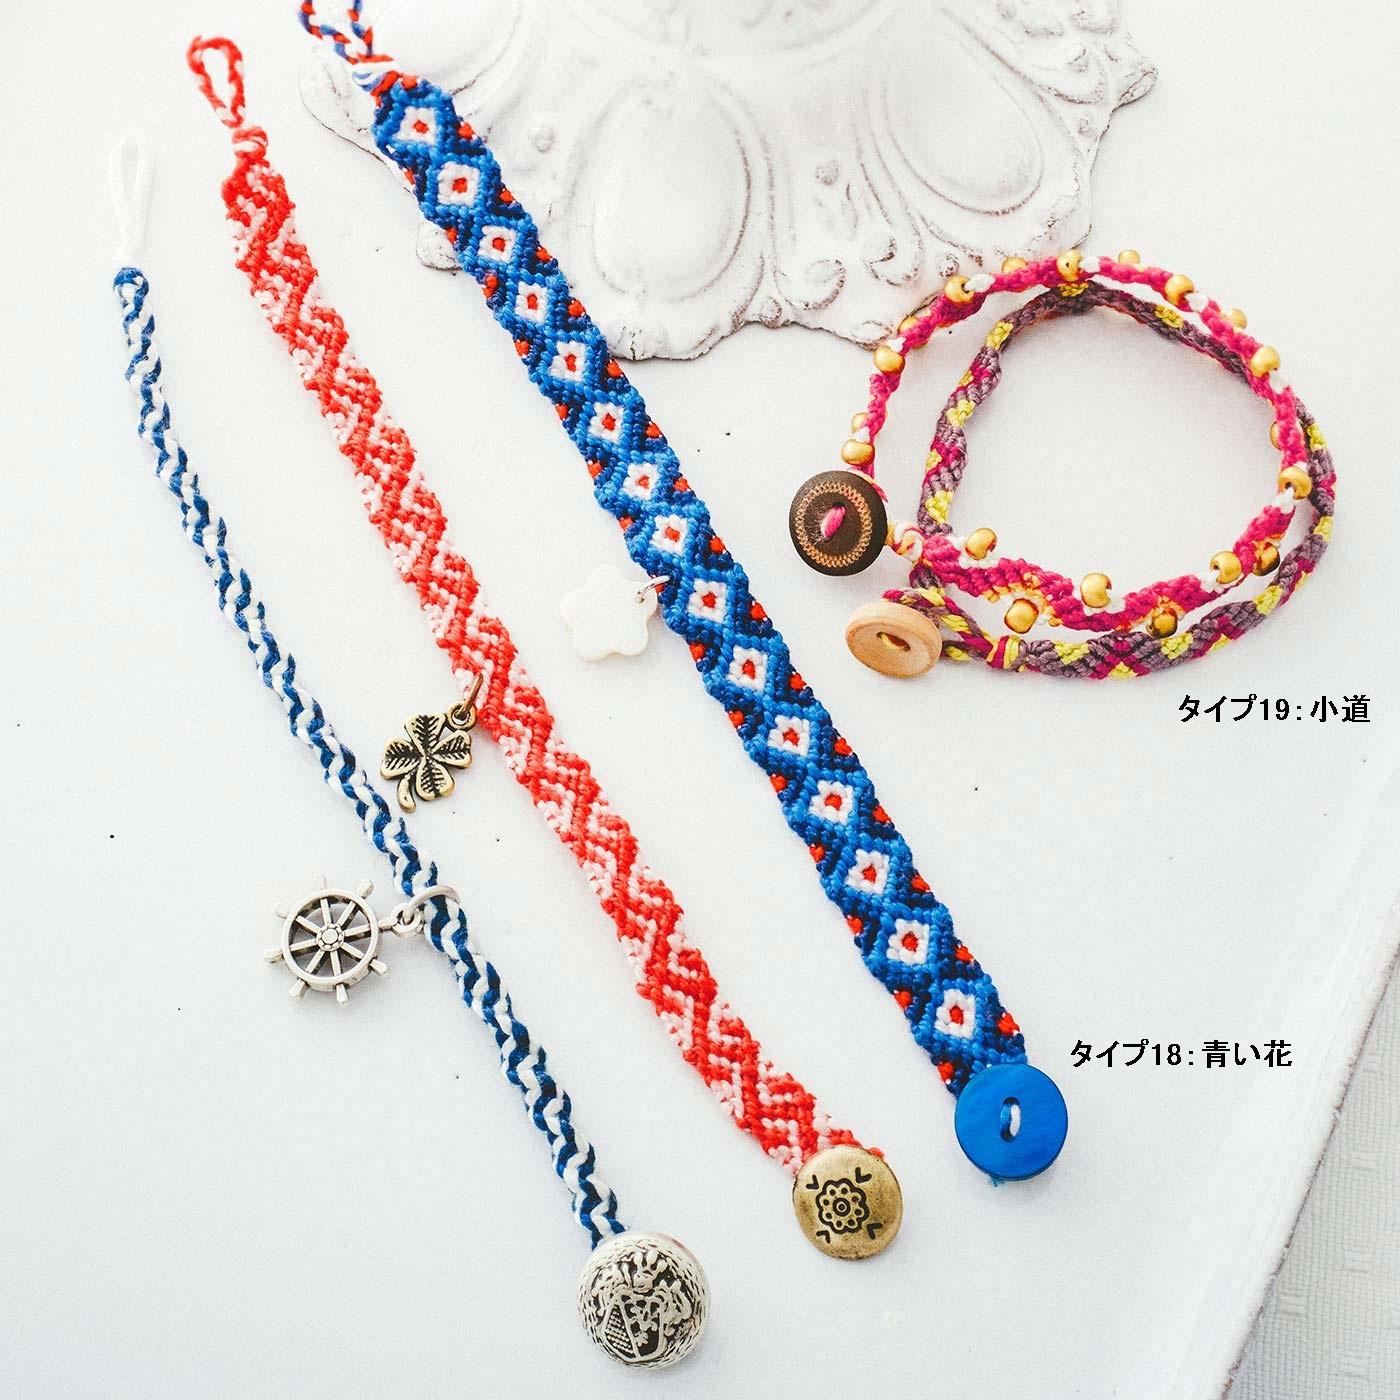 タイプ18:青い花(fleur bleue) タイプ19:小道(petit chemin)